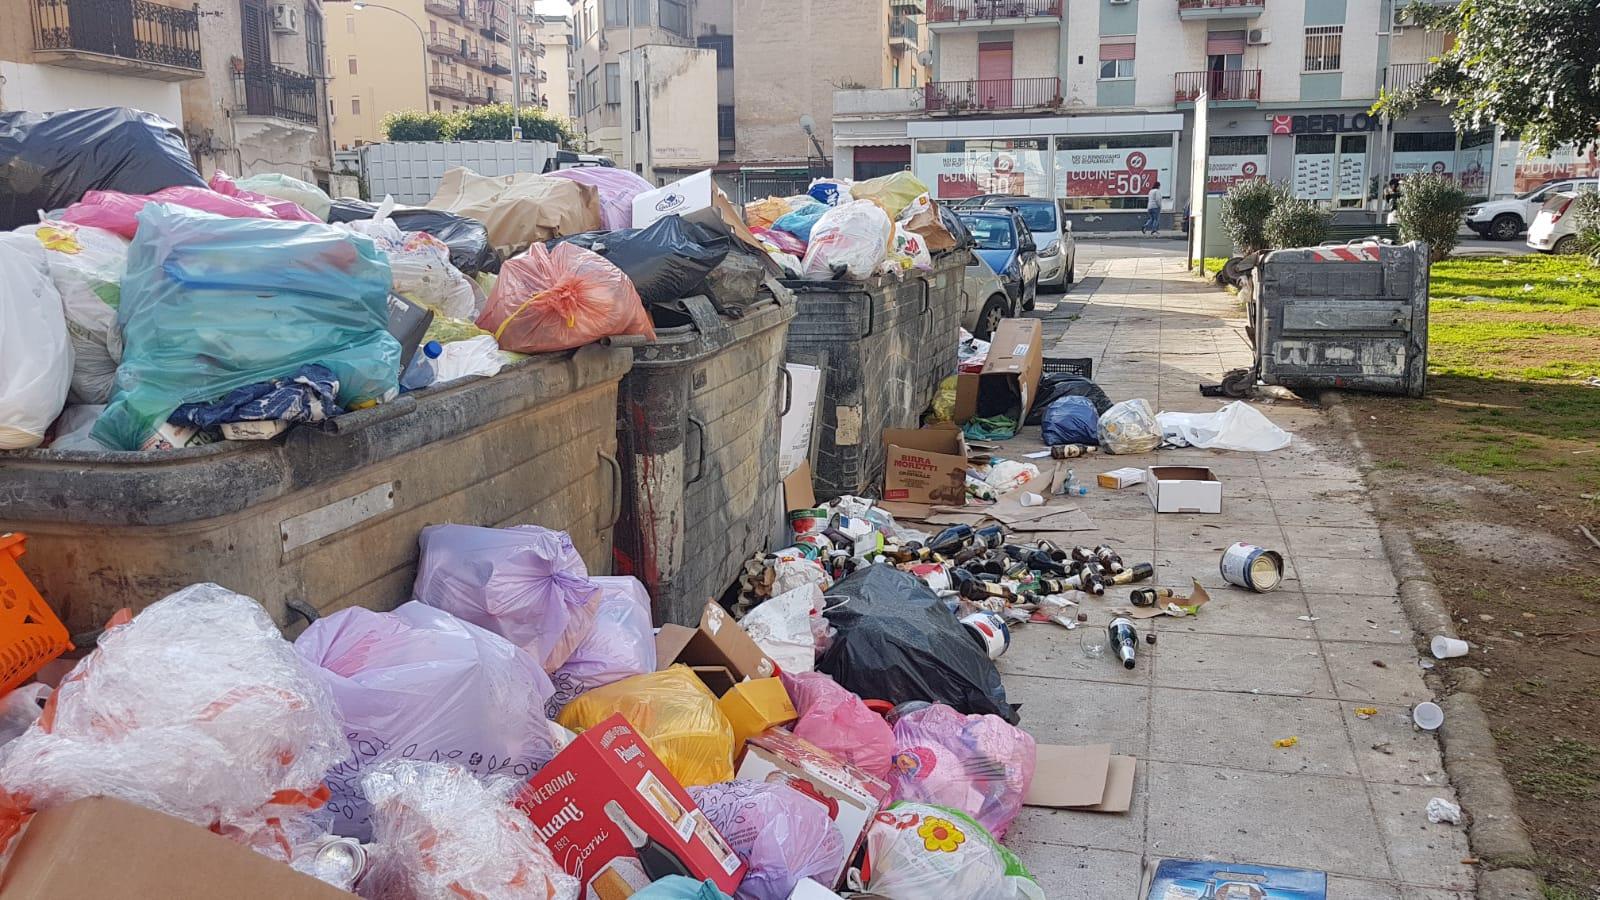 Emergenza rifiuti a Palermo, 10 tonnellate non raccolte per un guasto